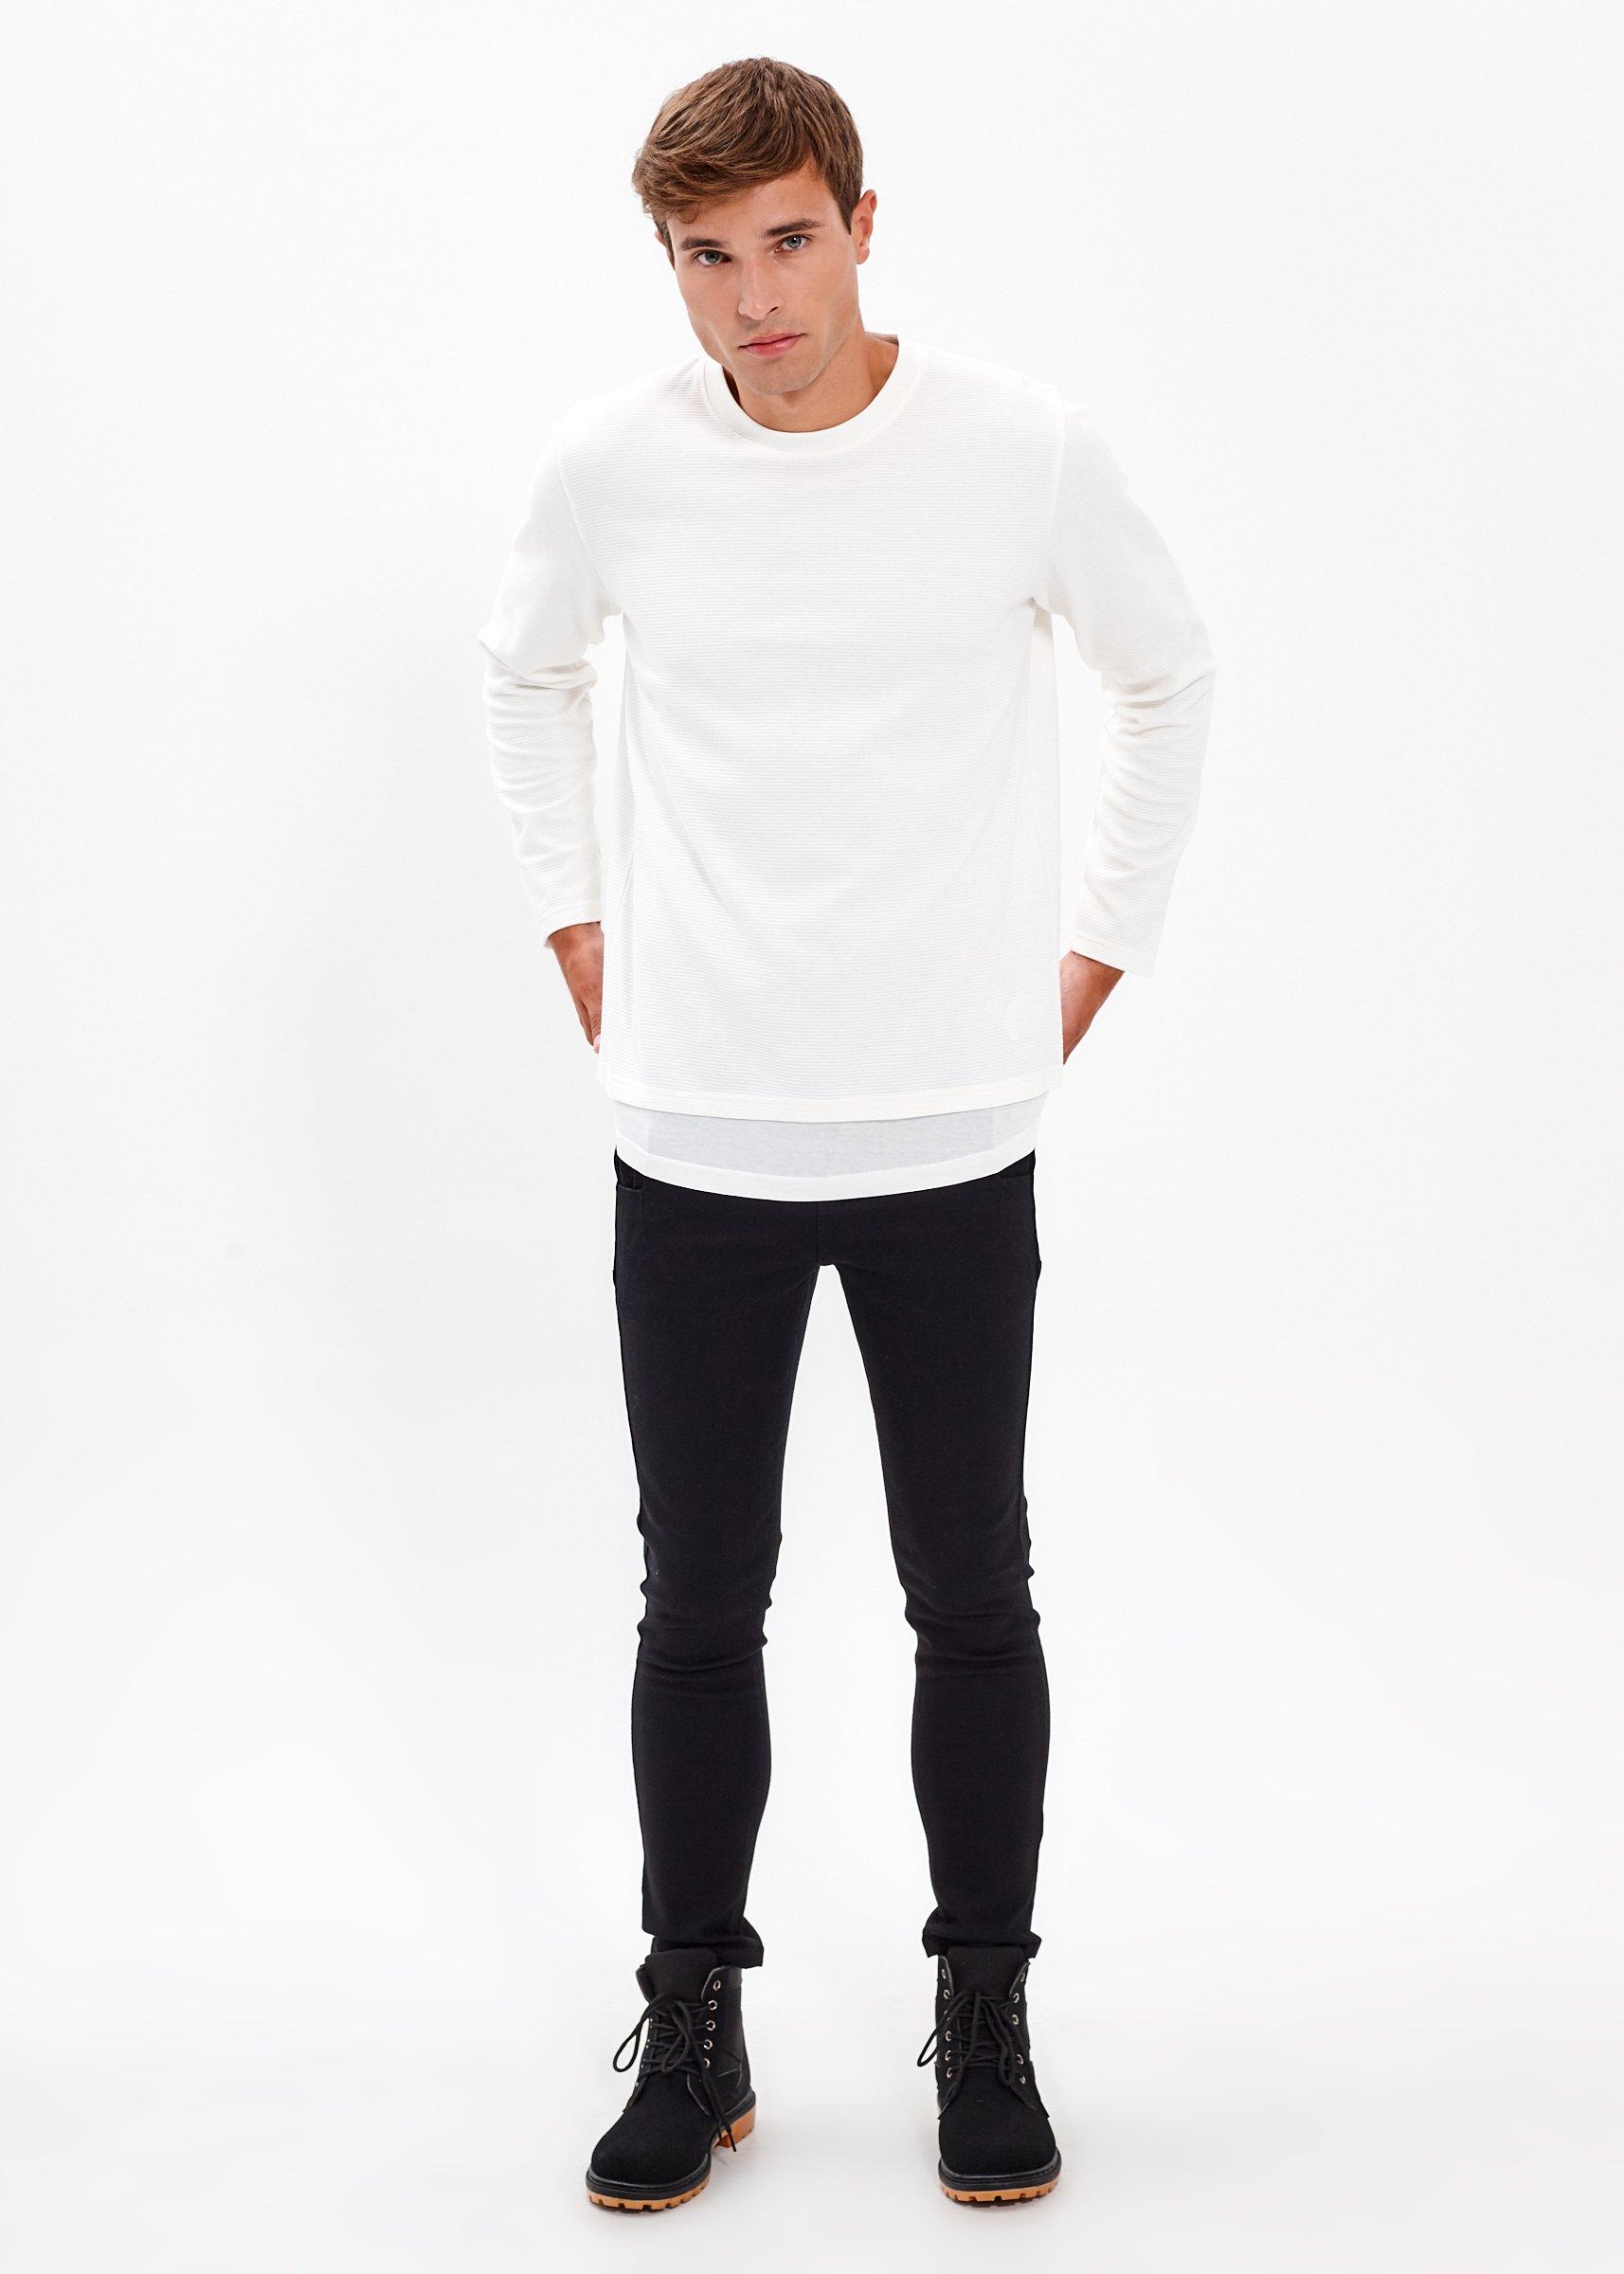 Strukturované tričko s vrstveným spodním lemem  443be021608